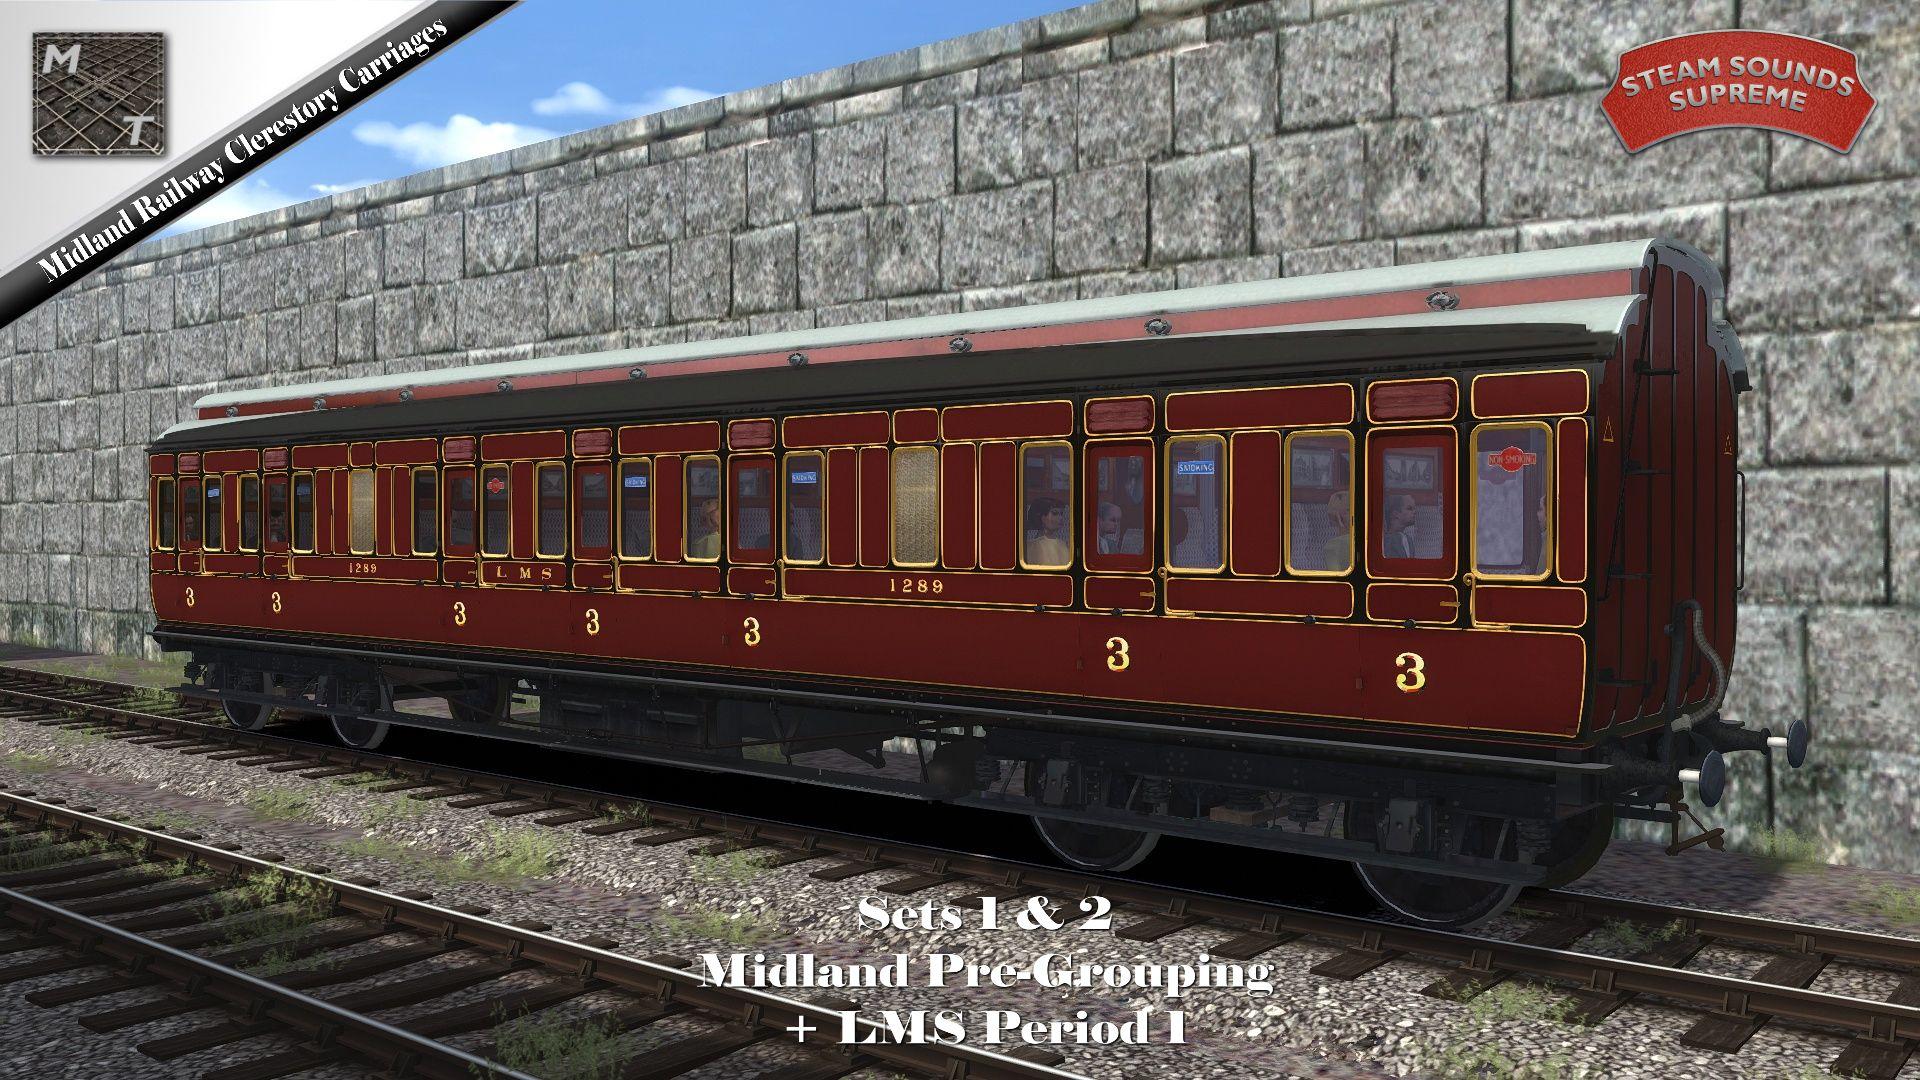 MidlandClerestorySet1+2_29.jpg